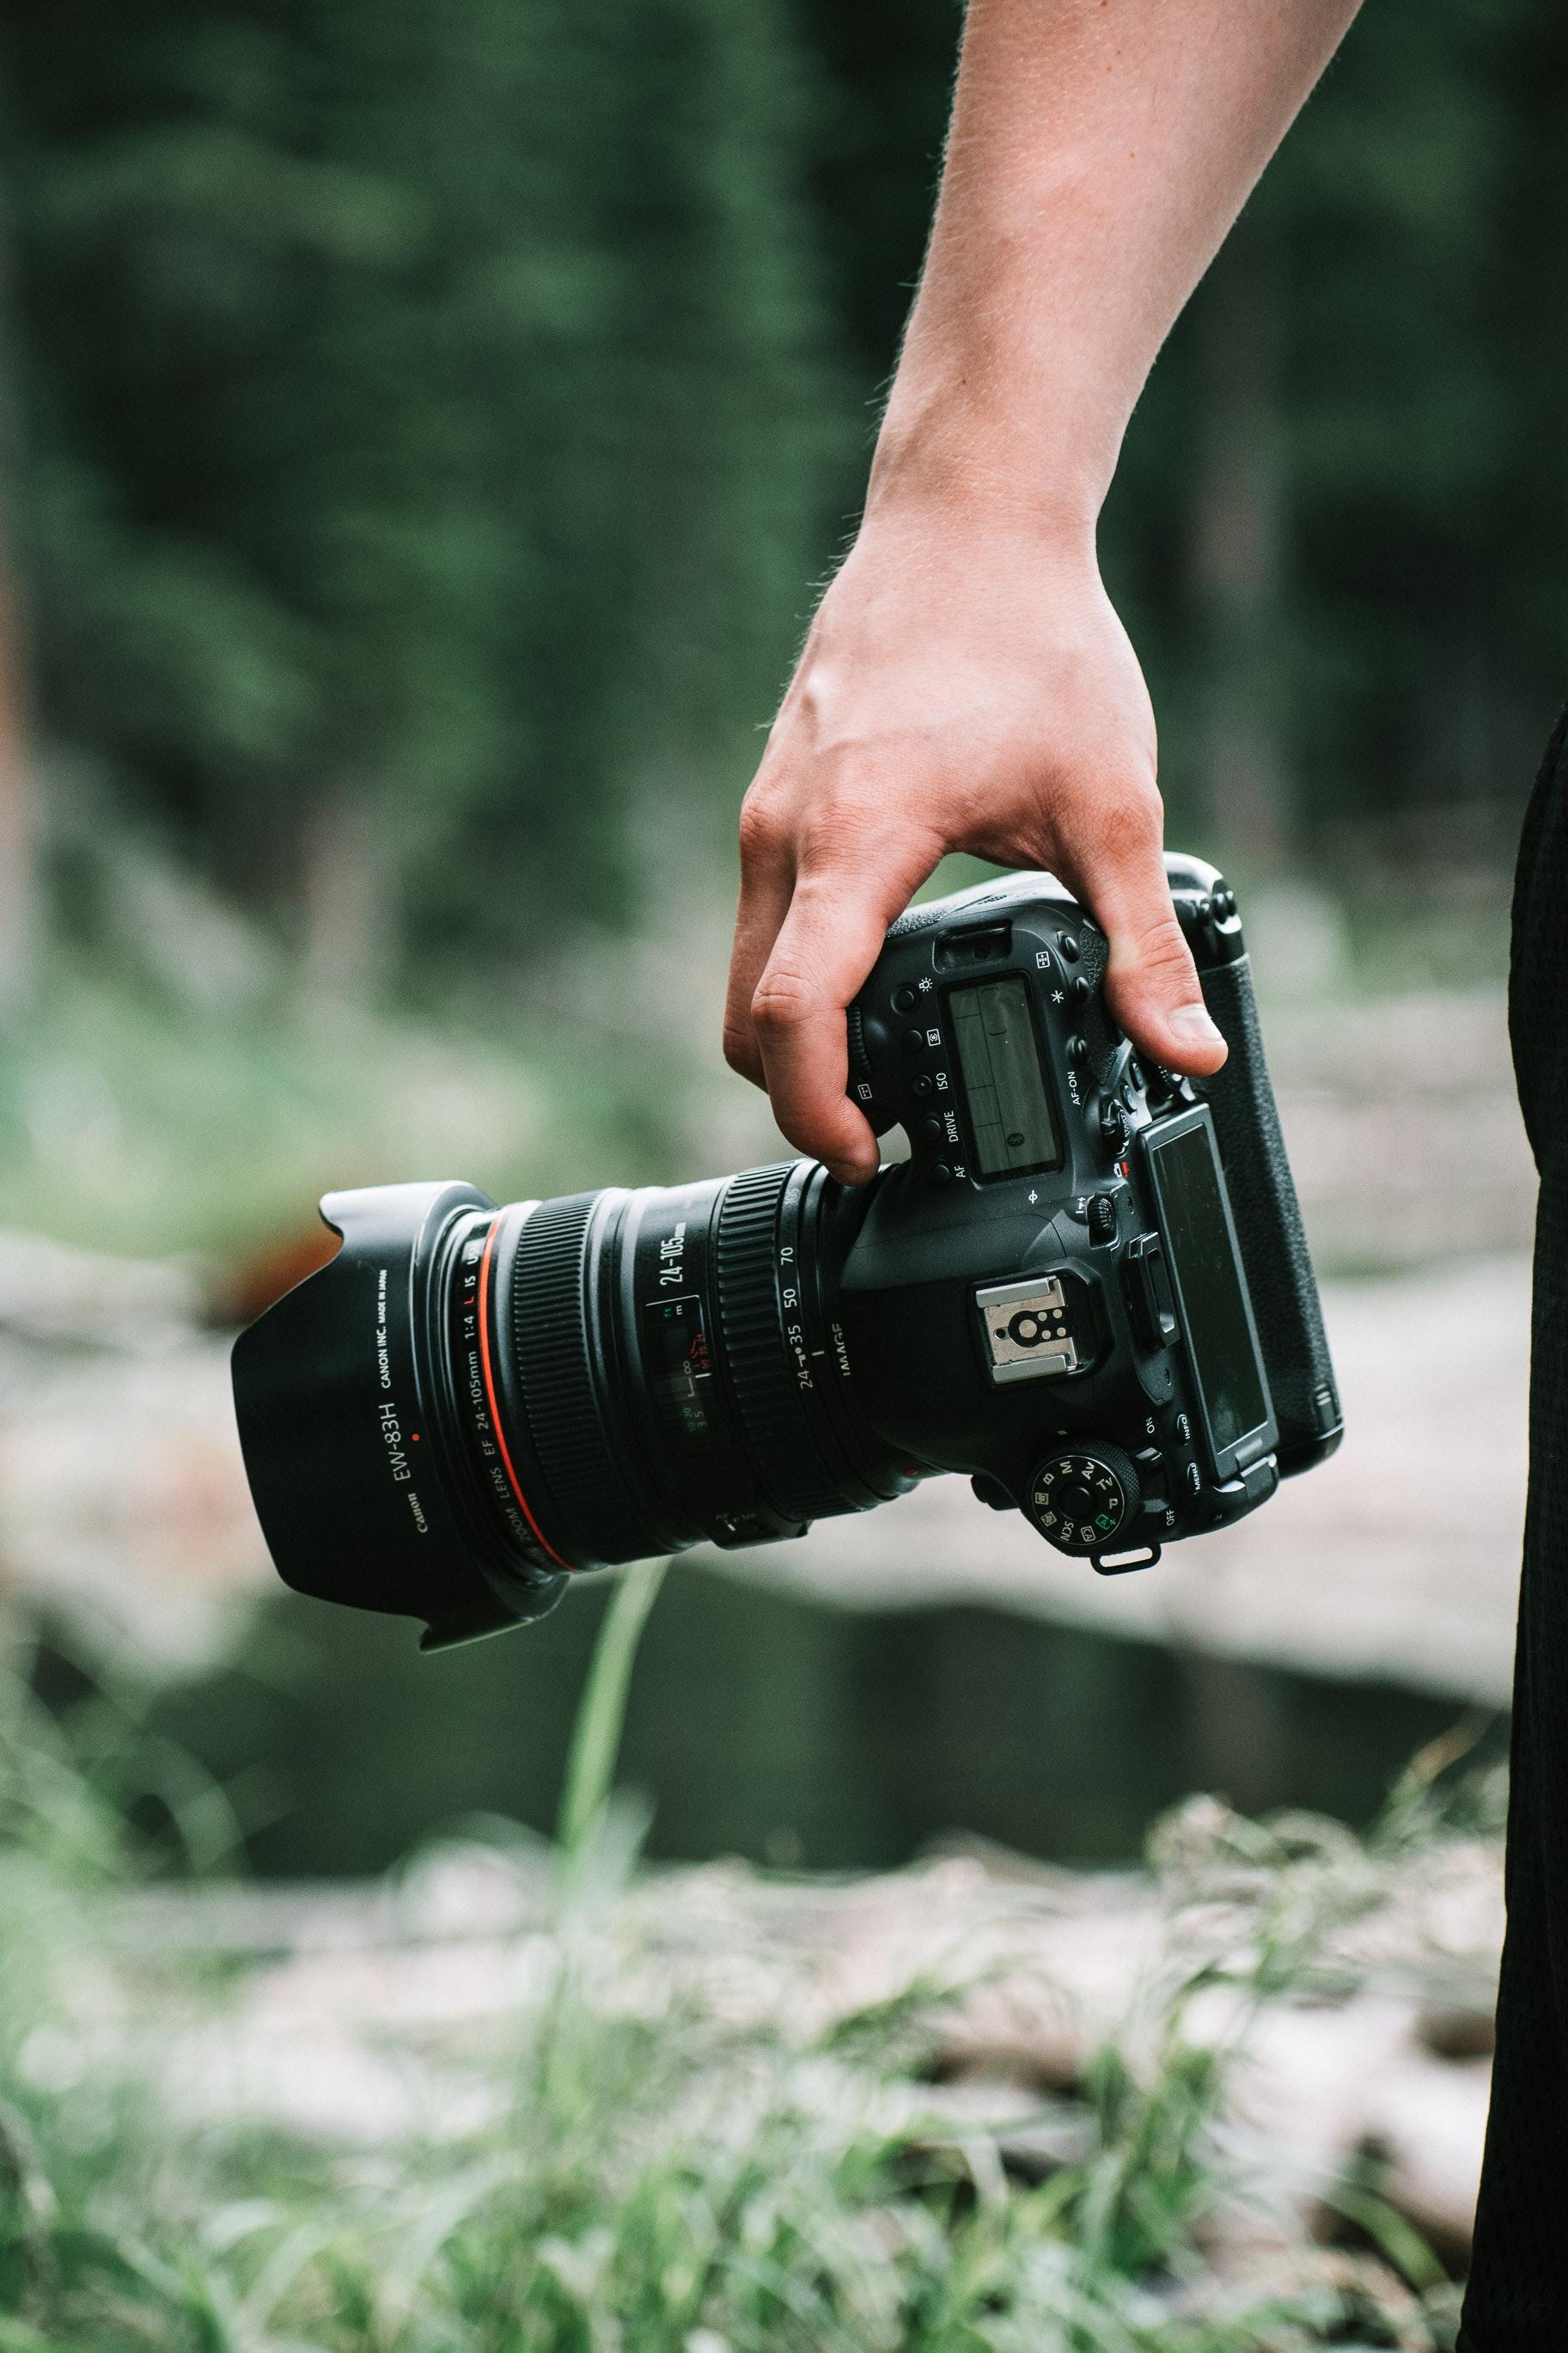 Corona-Krise: Wie können Fotografen für finanzielle Entlasung sorgen?